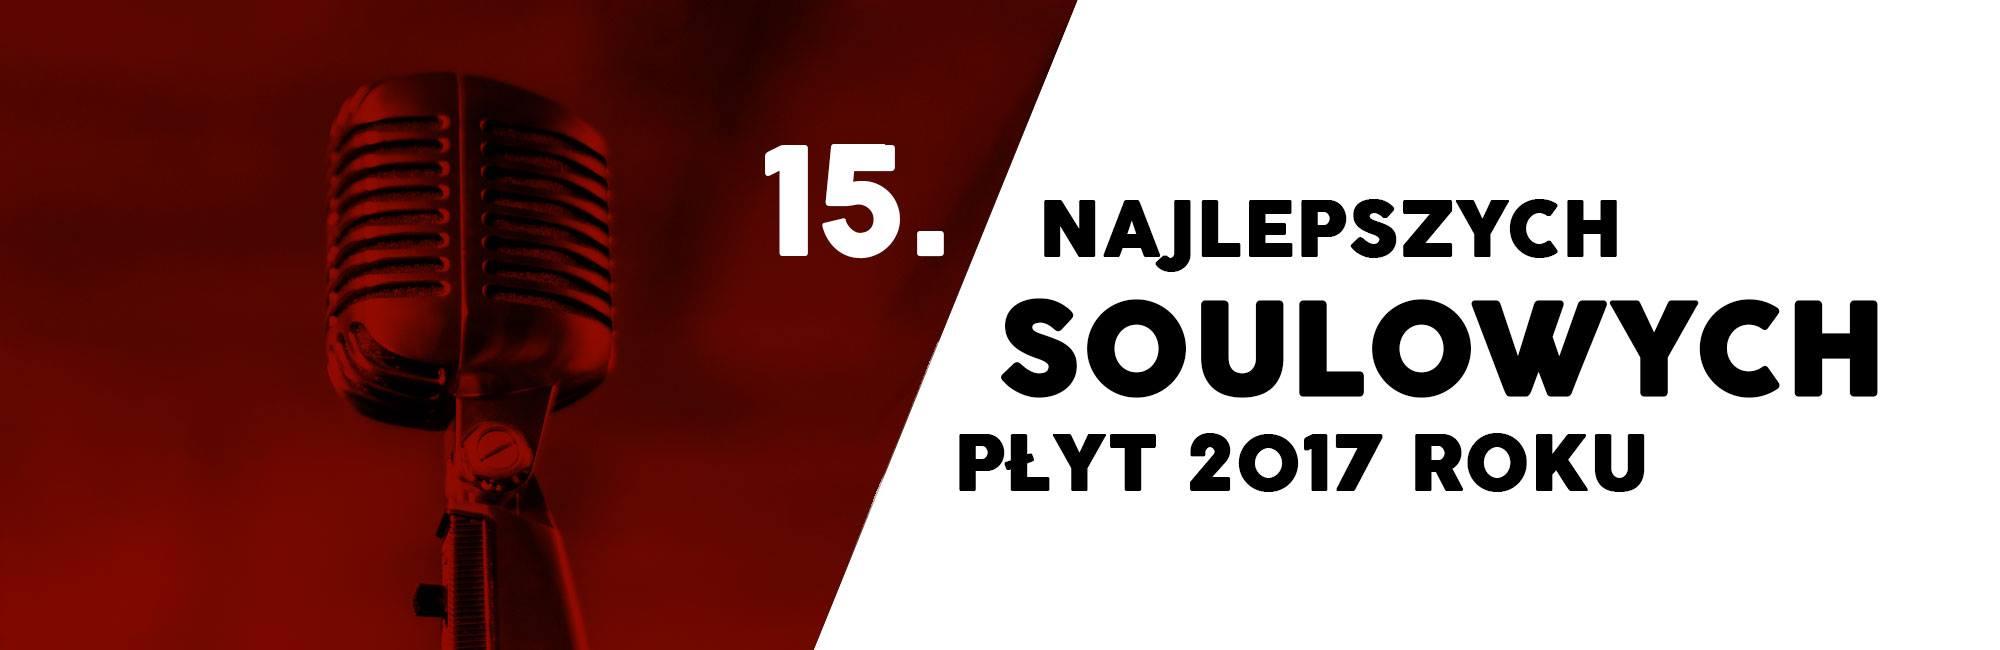 15. najlepszych soulowych płyt 2017 roku